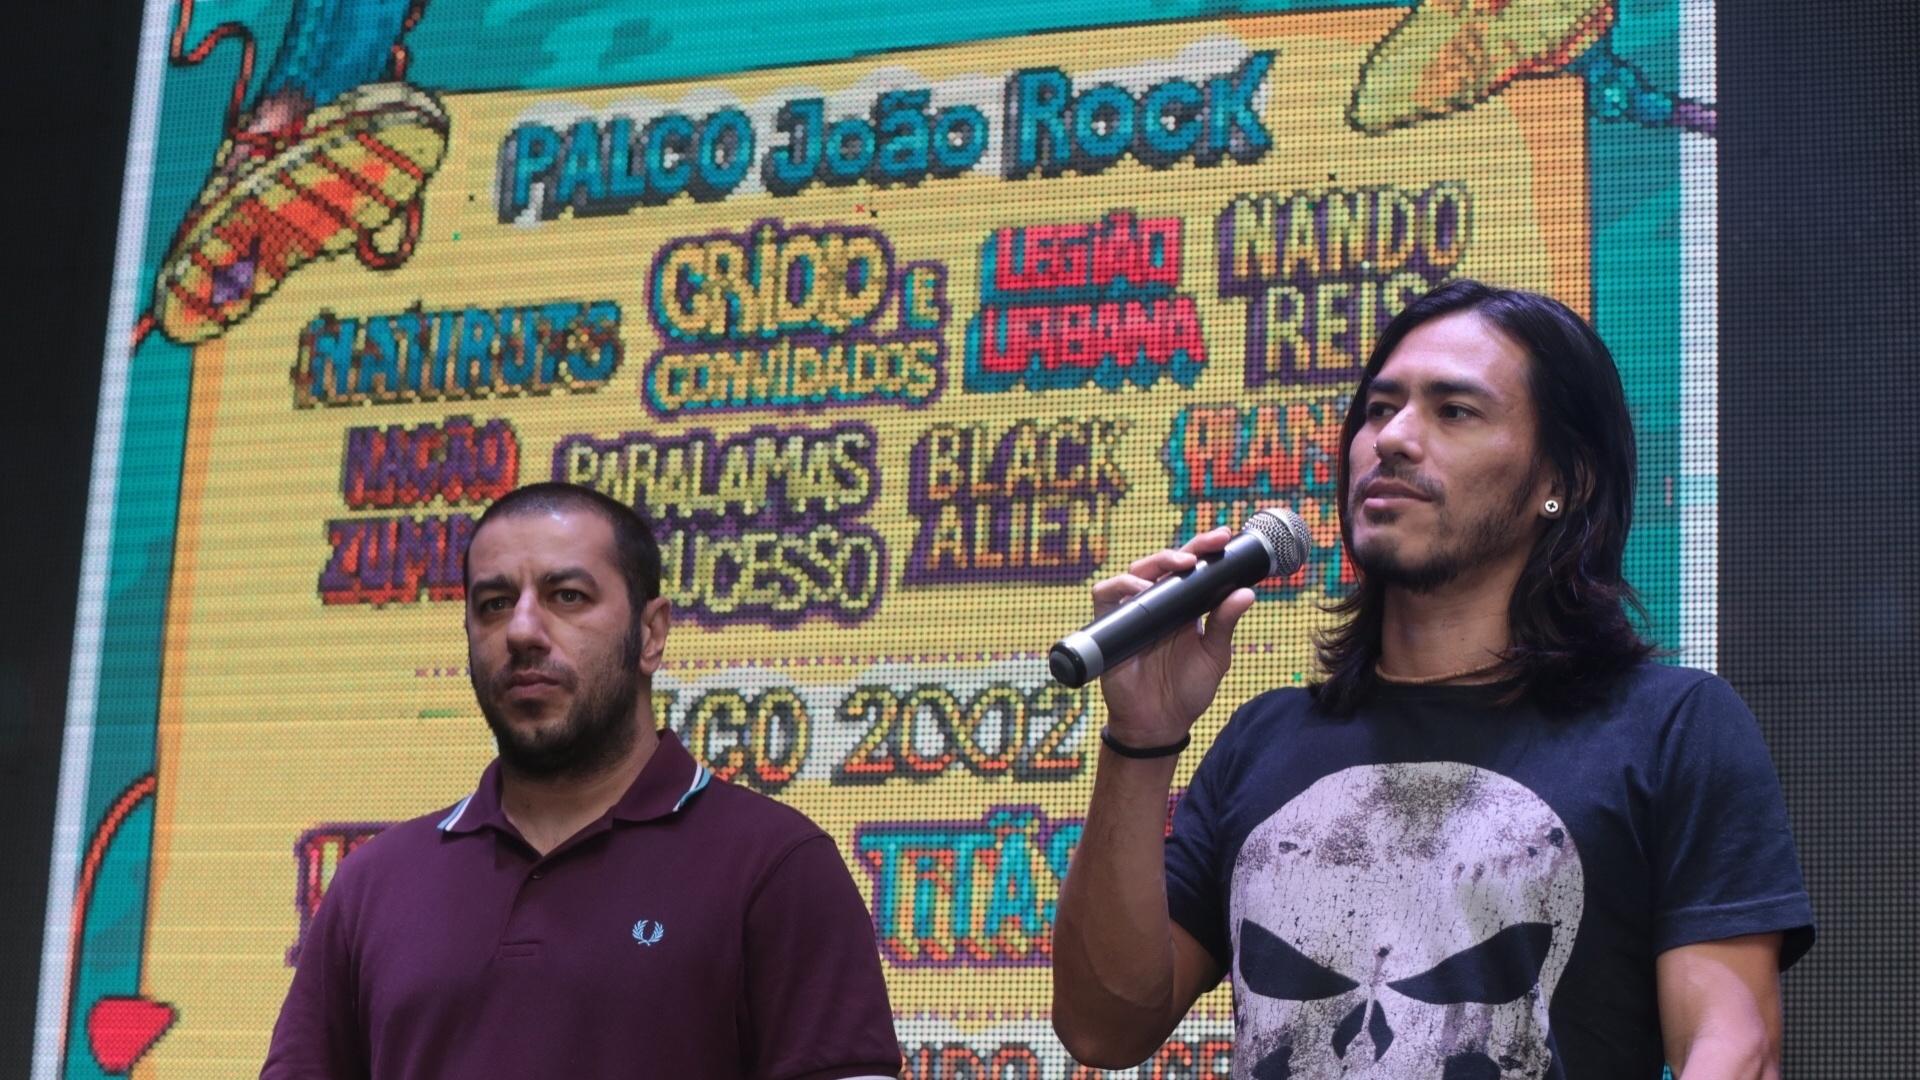 1º.mar.2016 - Badauí e Japinha, da banda CPM22, participaram do anúncio da programação da 15ª edição do Festival João Rock